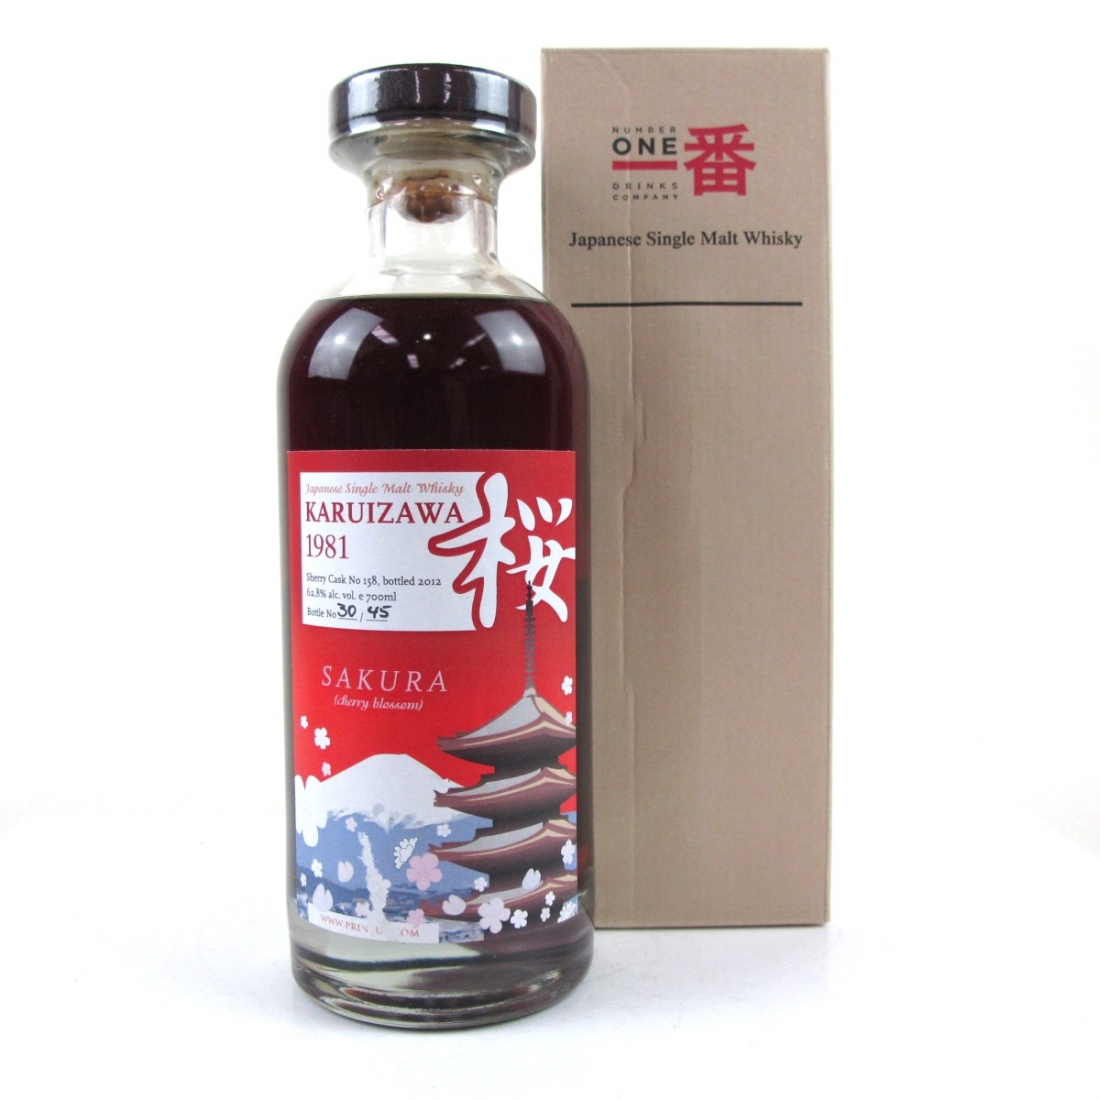 Karuizawa 1981 Single Cask #158 / Sakura Cask - Only 45 Bottles